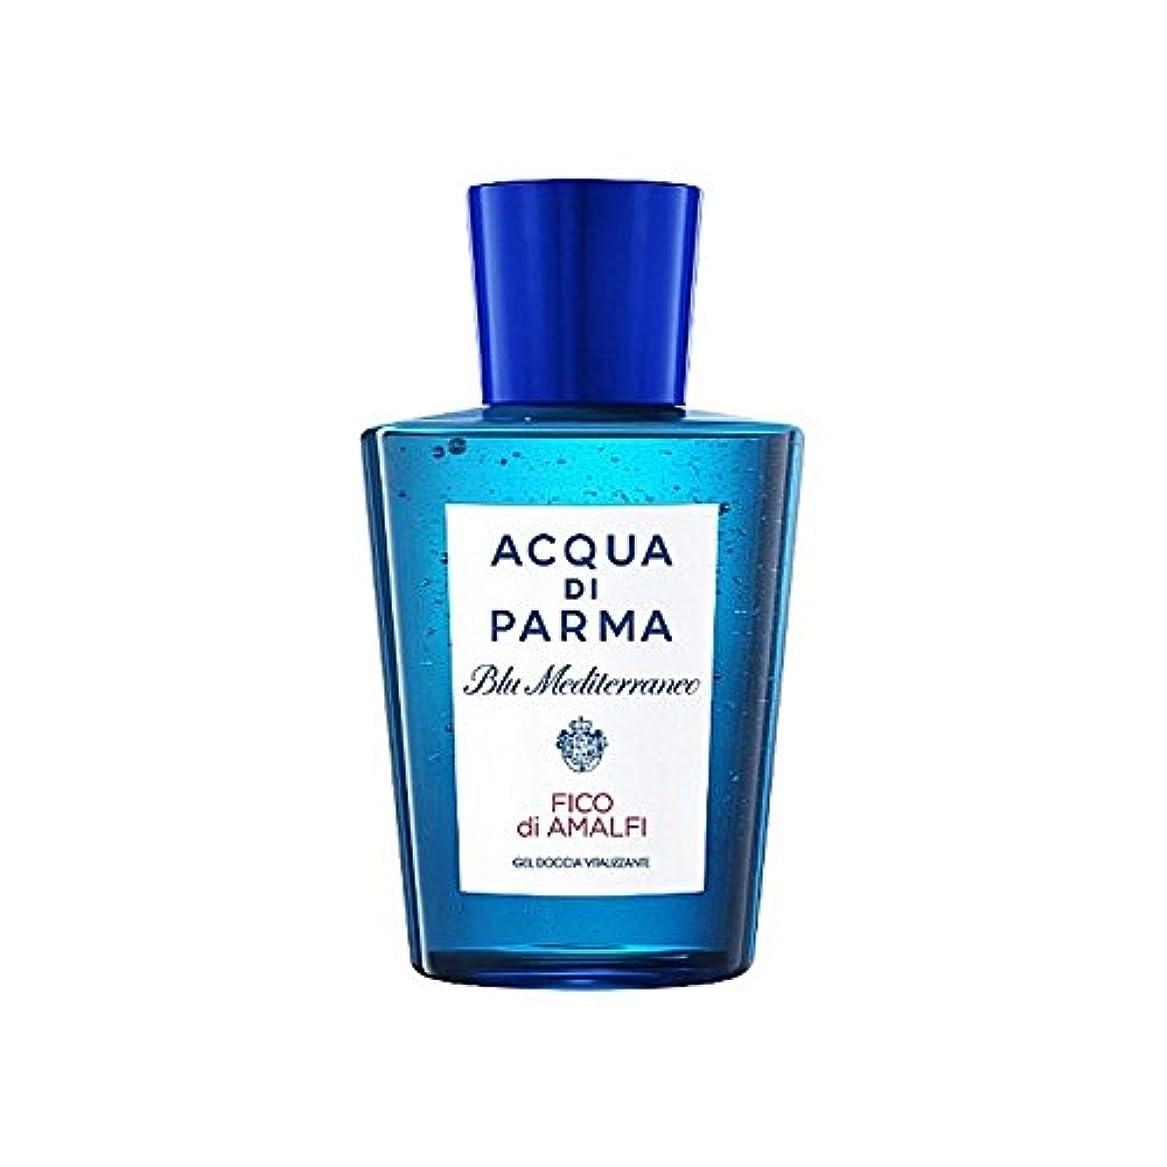 生黒人の前でAcqua Di Parma Blu Mediterraneo Fico Di Amalfi Shower Gel 200ml - アクアディパルマブルーメディジアマルフィシャワージェル200 [並行輸入品]